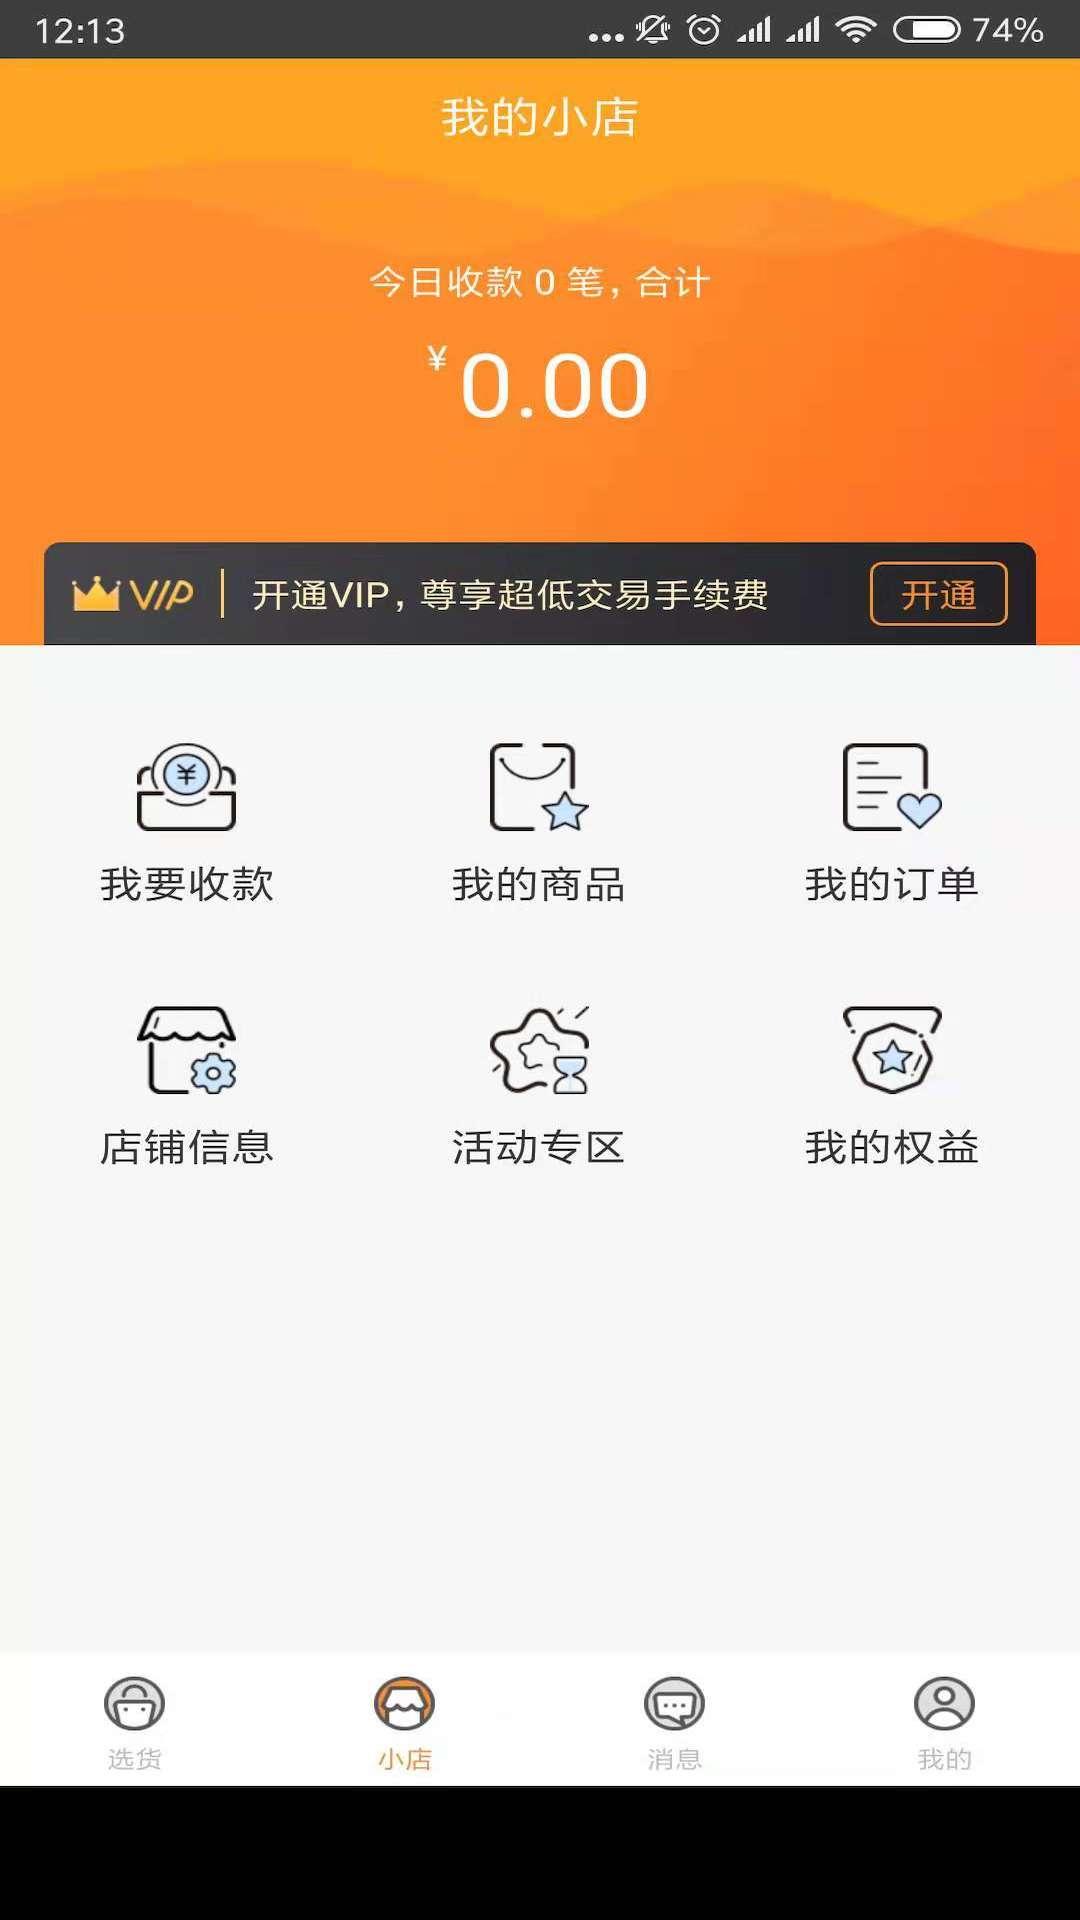 猛犸象刷卡 V3.7.1 安卓版截图1